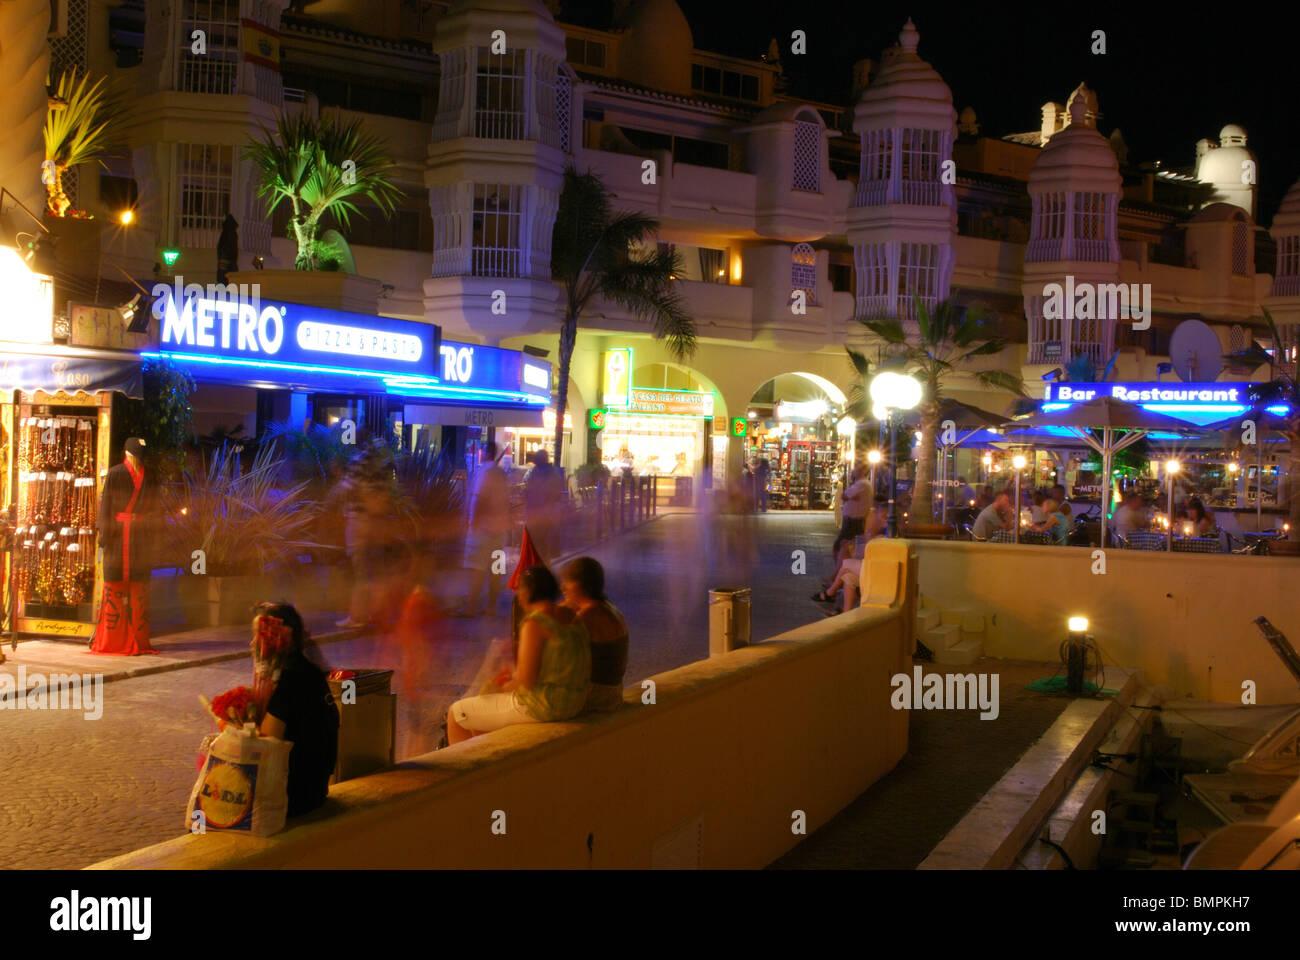 Bars And Restaurants In The Marina Area At Night Benalmadena Costa